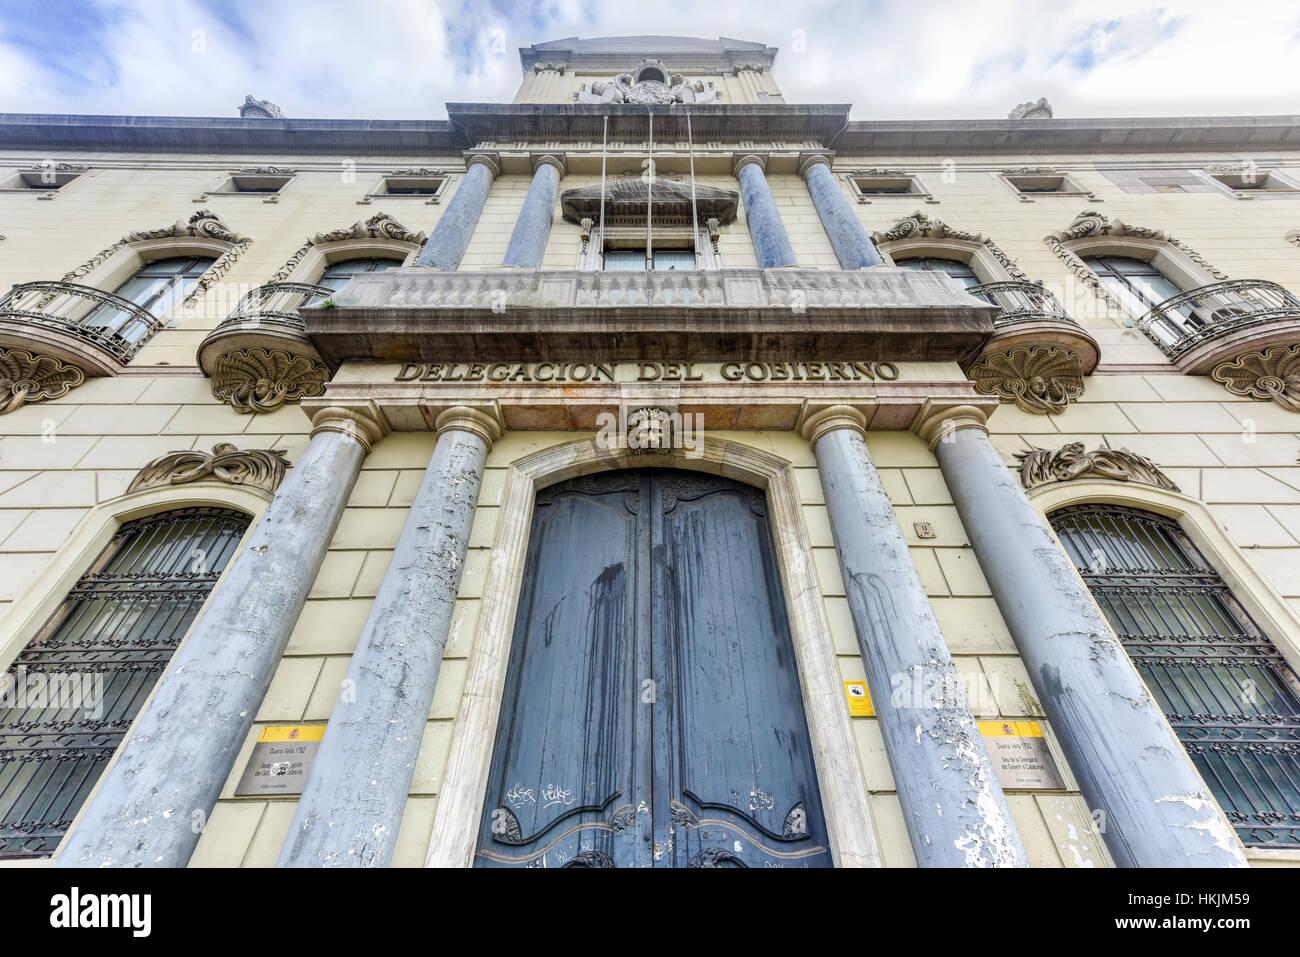 The Delegation of the Spanish Government (delegacion del Gobierno) building, Marques De L'argentera Avenue, - Stock Image